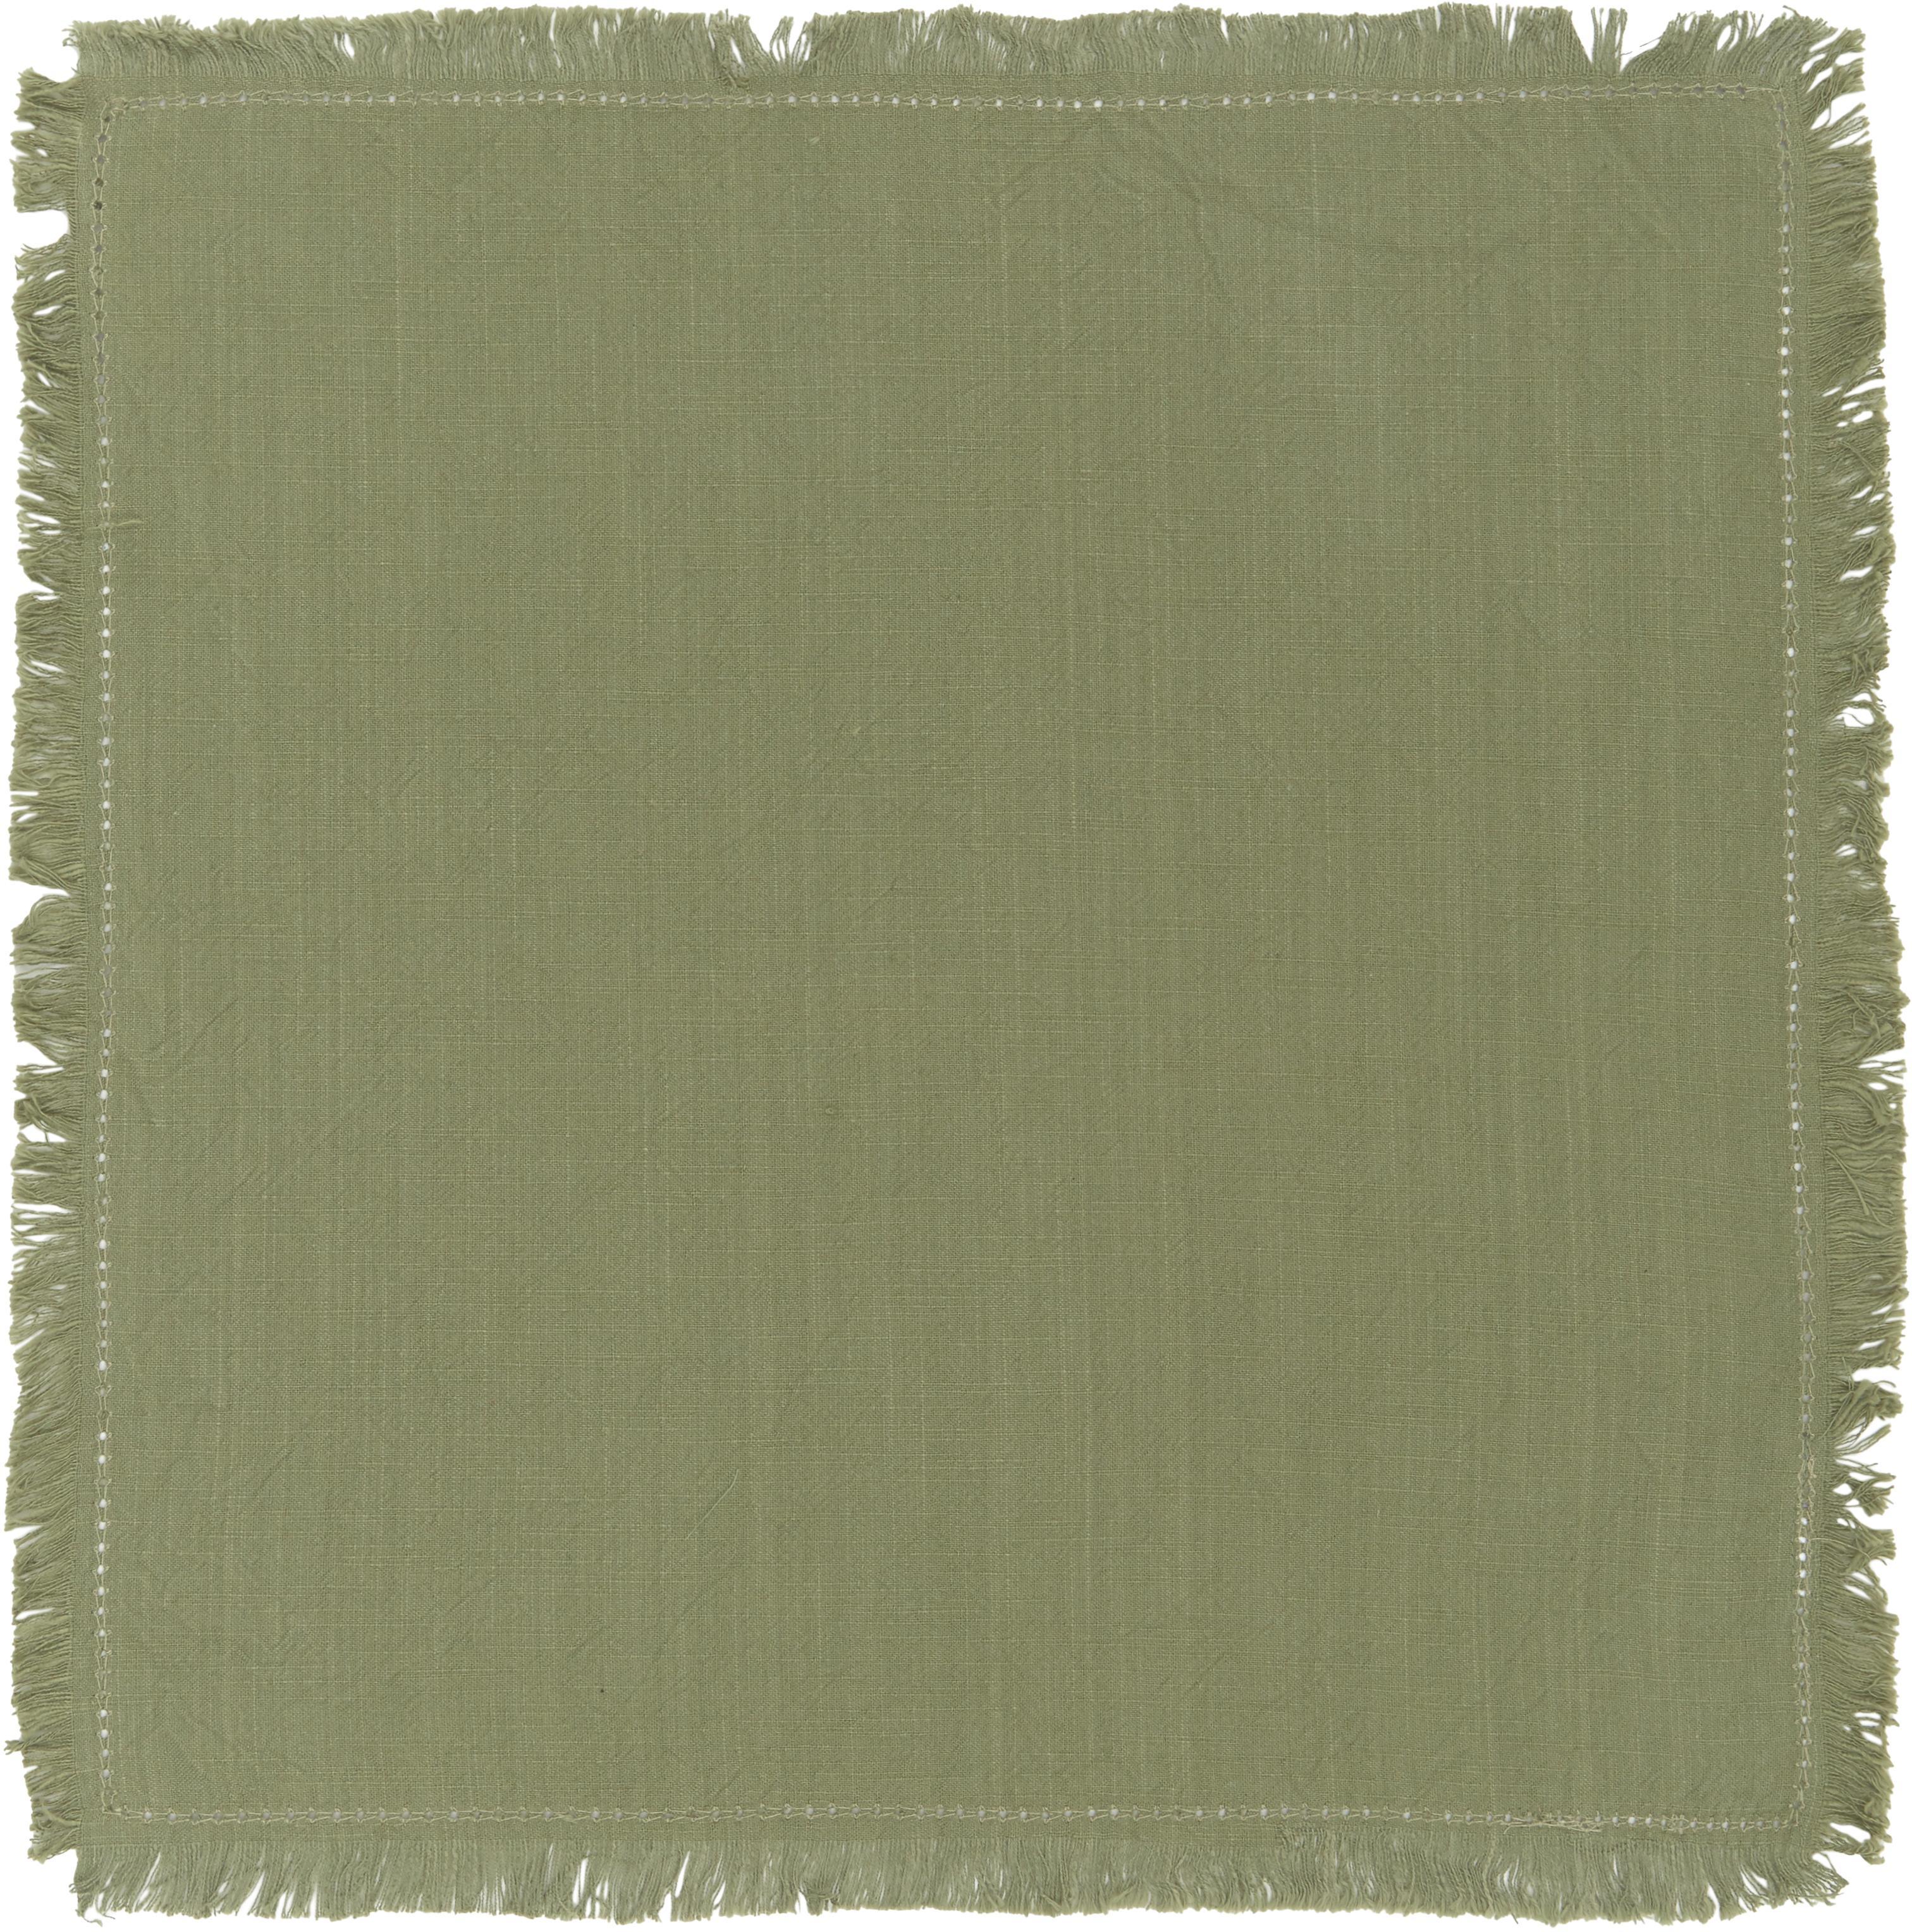 Tovagliolo in cotone Hilma con frange 2 pz, Cotone, Verde oliva, Larg. 45 x Lung. 45 cm